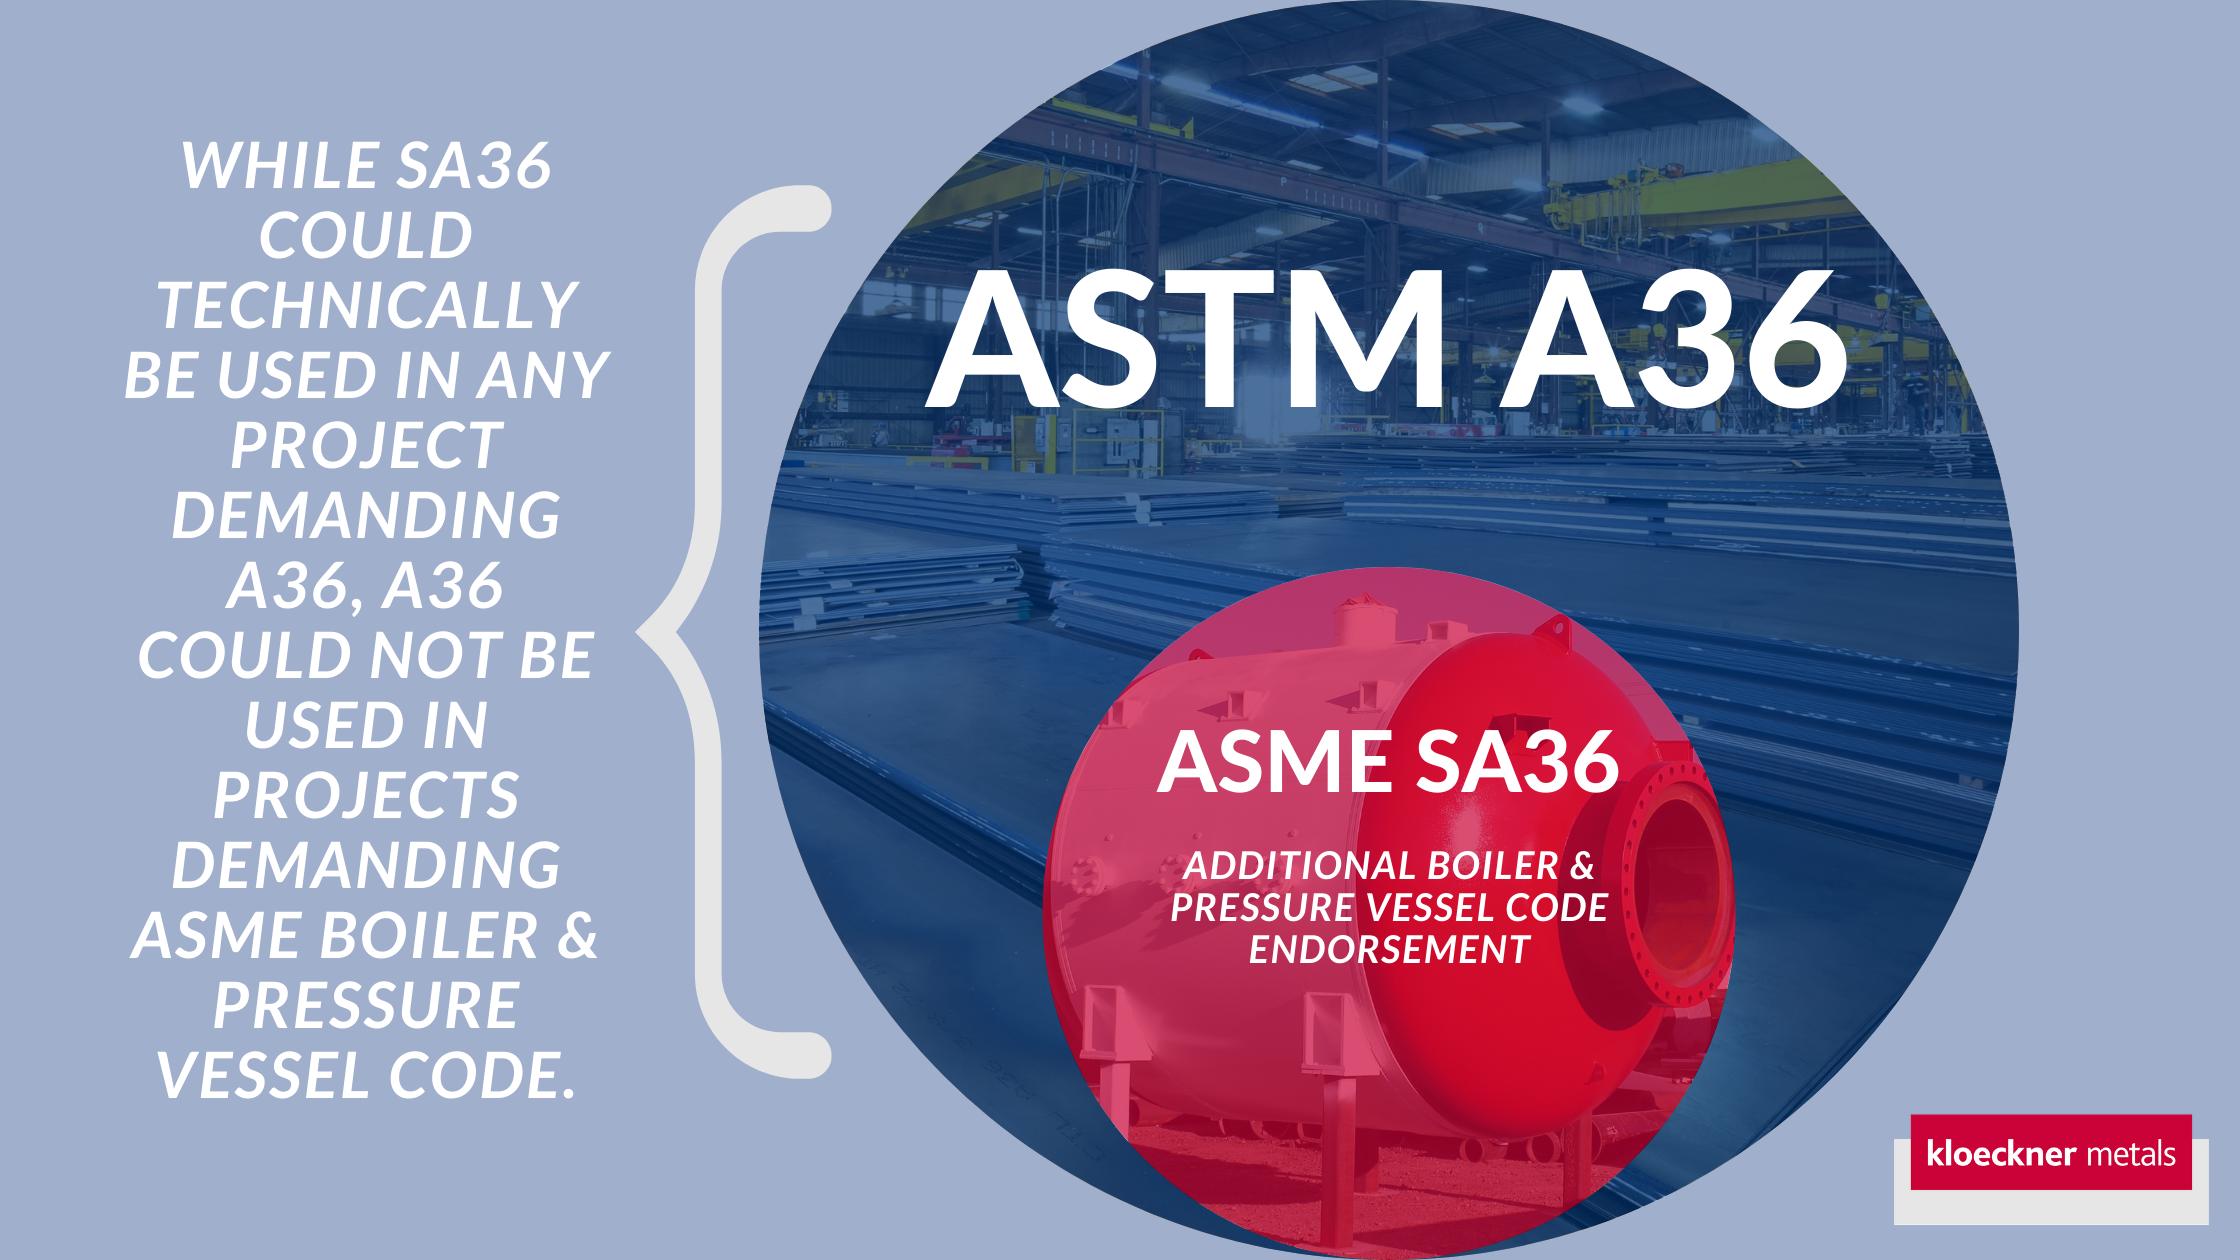 ASTM A36 ASME SA36